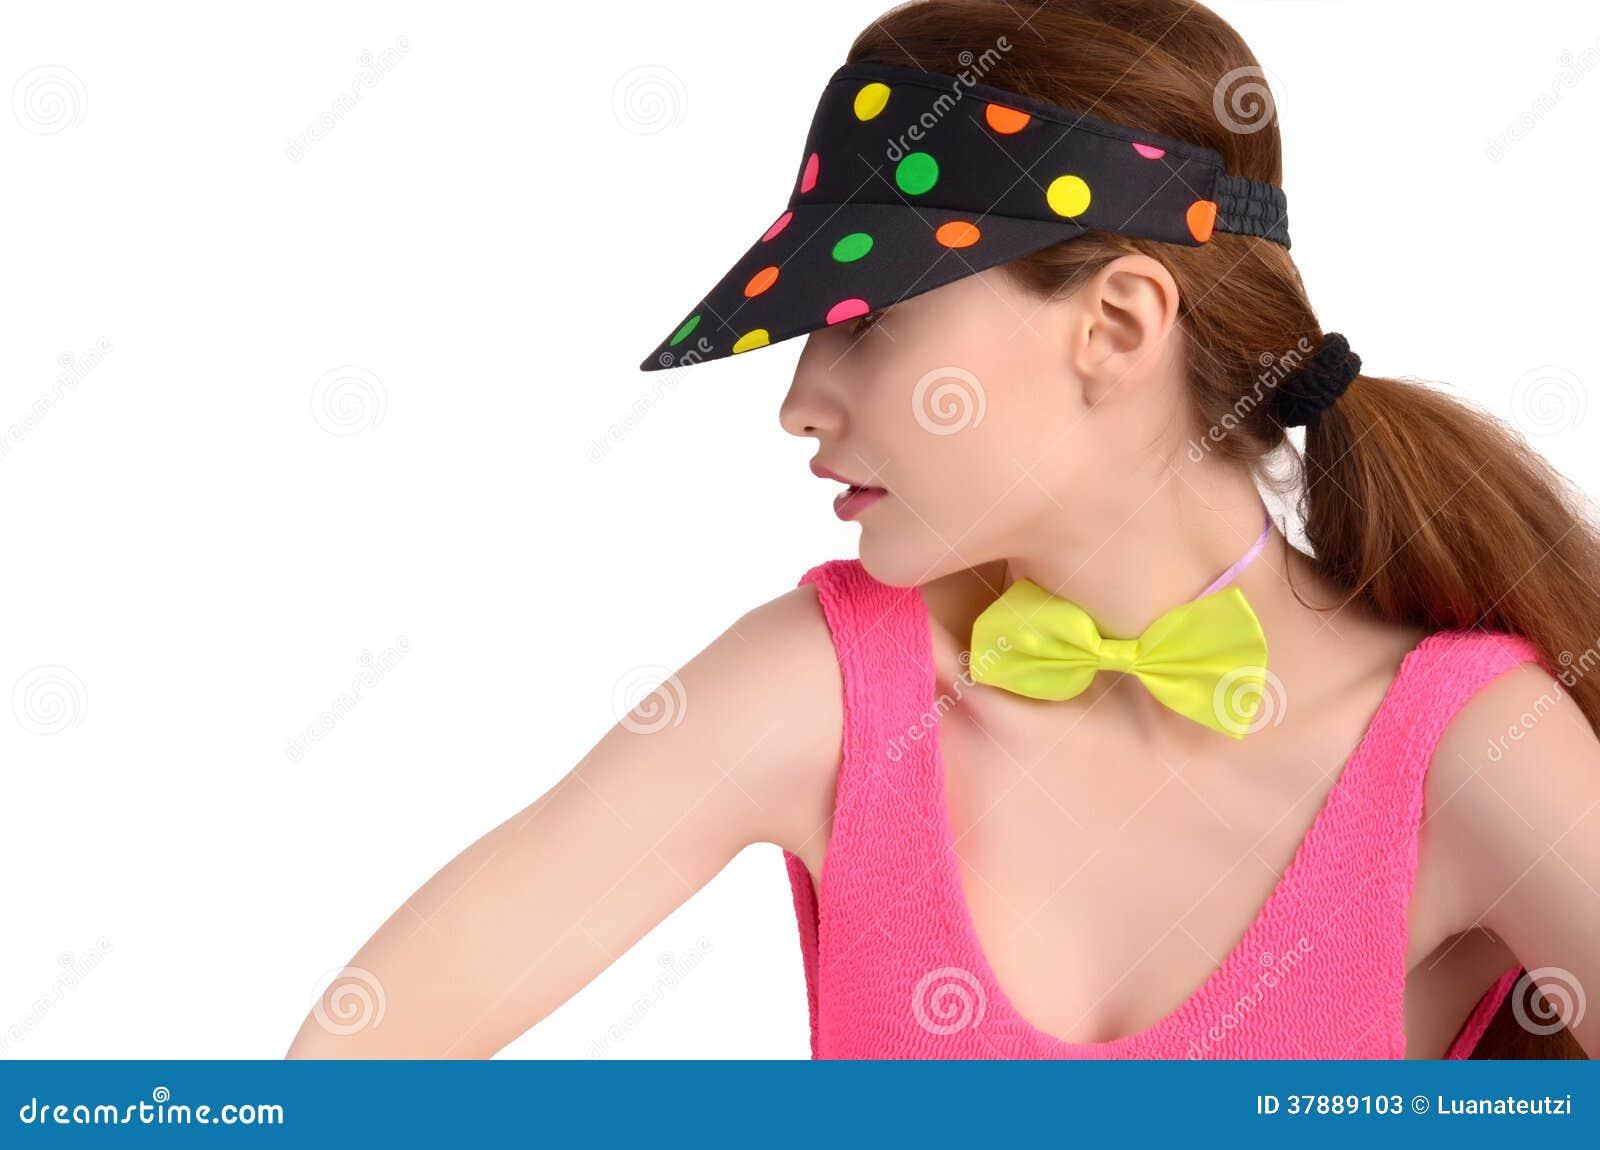 Het profiel van een jonge vrouw die een kleurrijke polka dragen stippelde hoed en een neon groene bowtie.